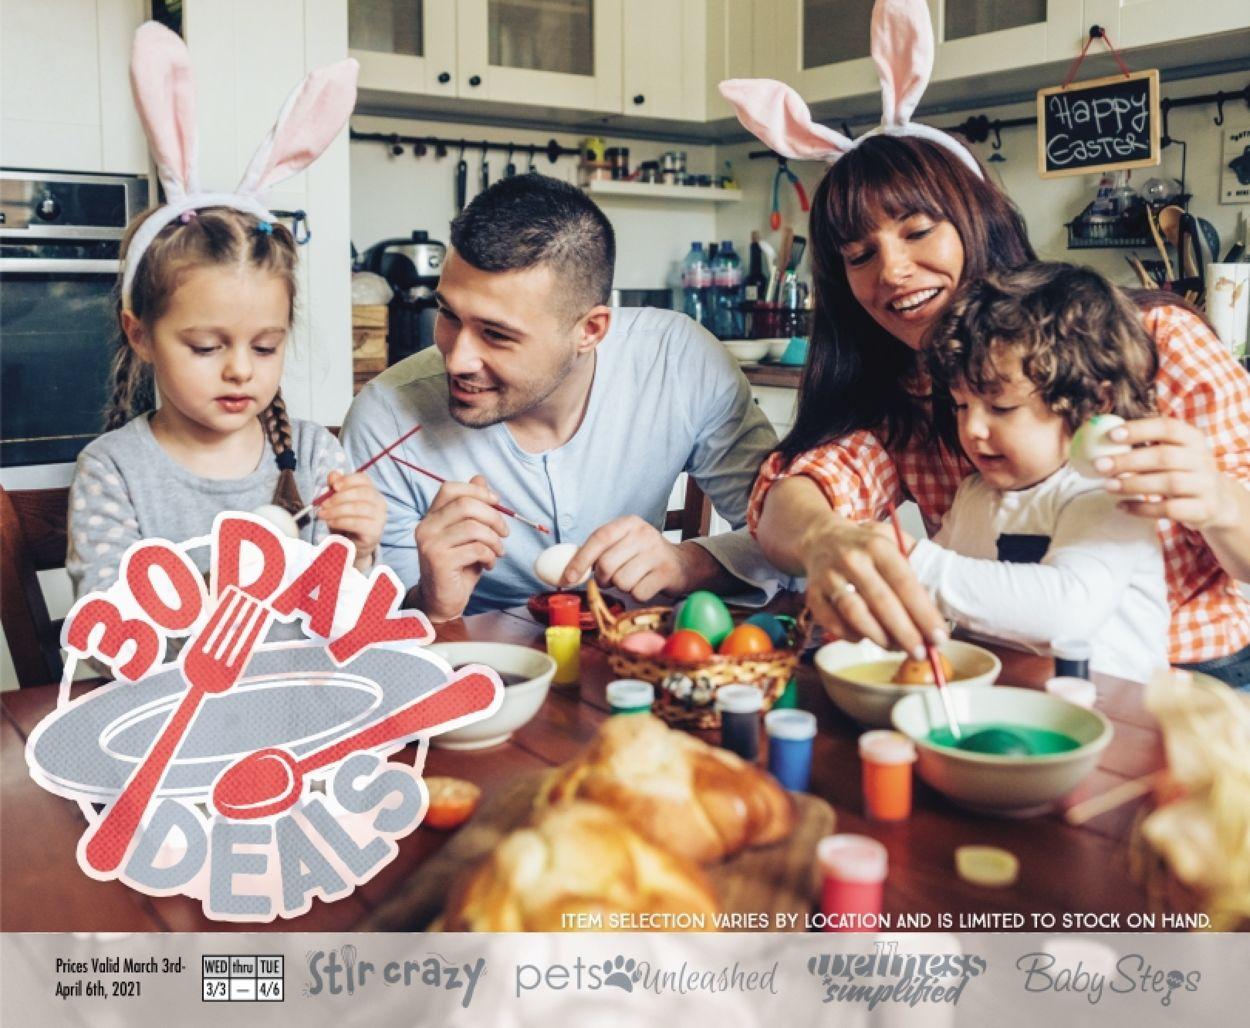 Maceys - Easter 2021 Weekly Ad Circular - valid 03/03-04/06/2021